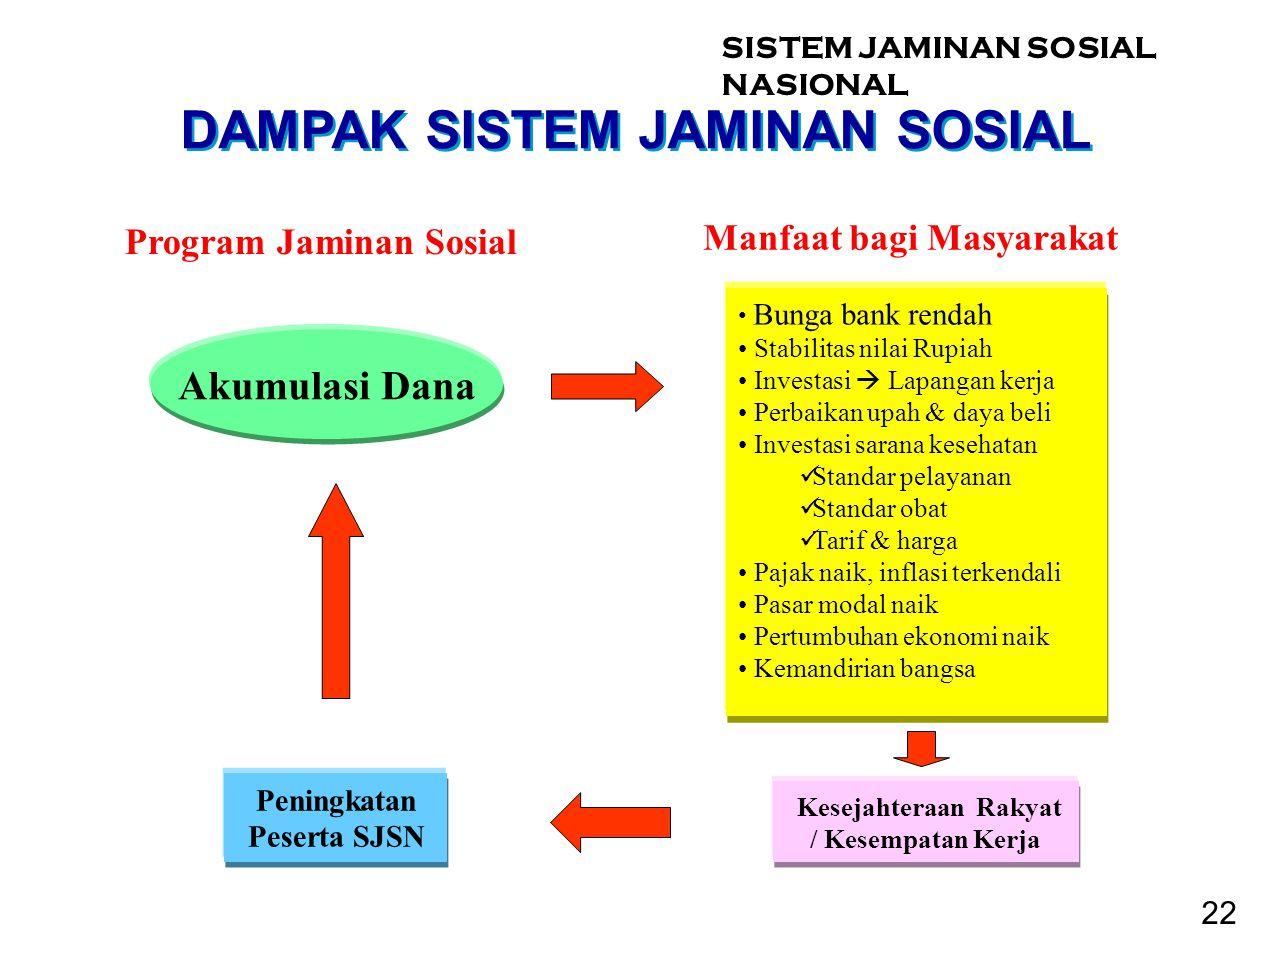 DAMPAK SISTEM JAMINAN SOSIAL Kesejahteraan Rakyat / Kesempatan Kerja Manfaat bagi Masyarakat Peningkatan Peserta SJSN • Bunga bank rendah • Stabilitas